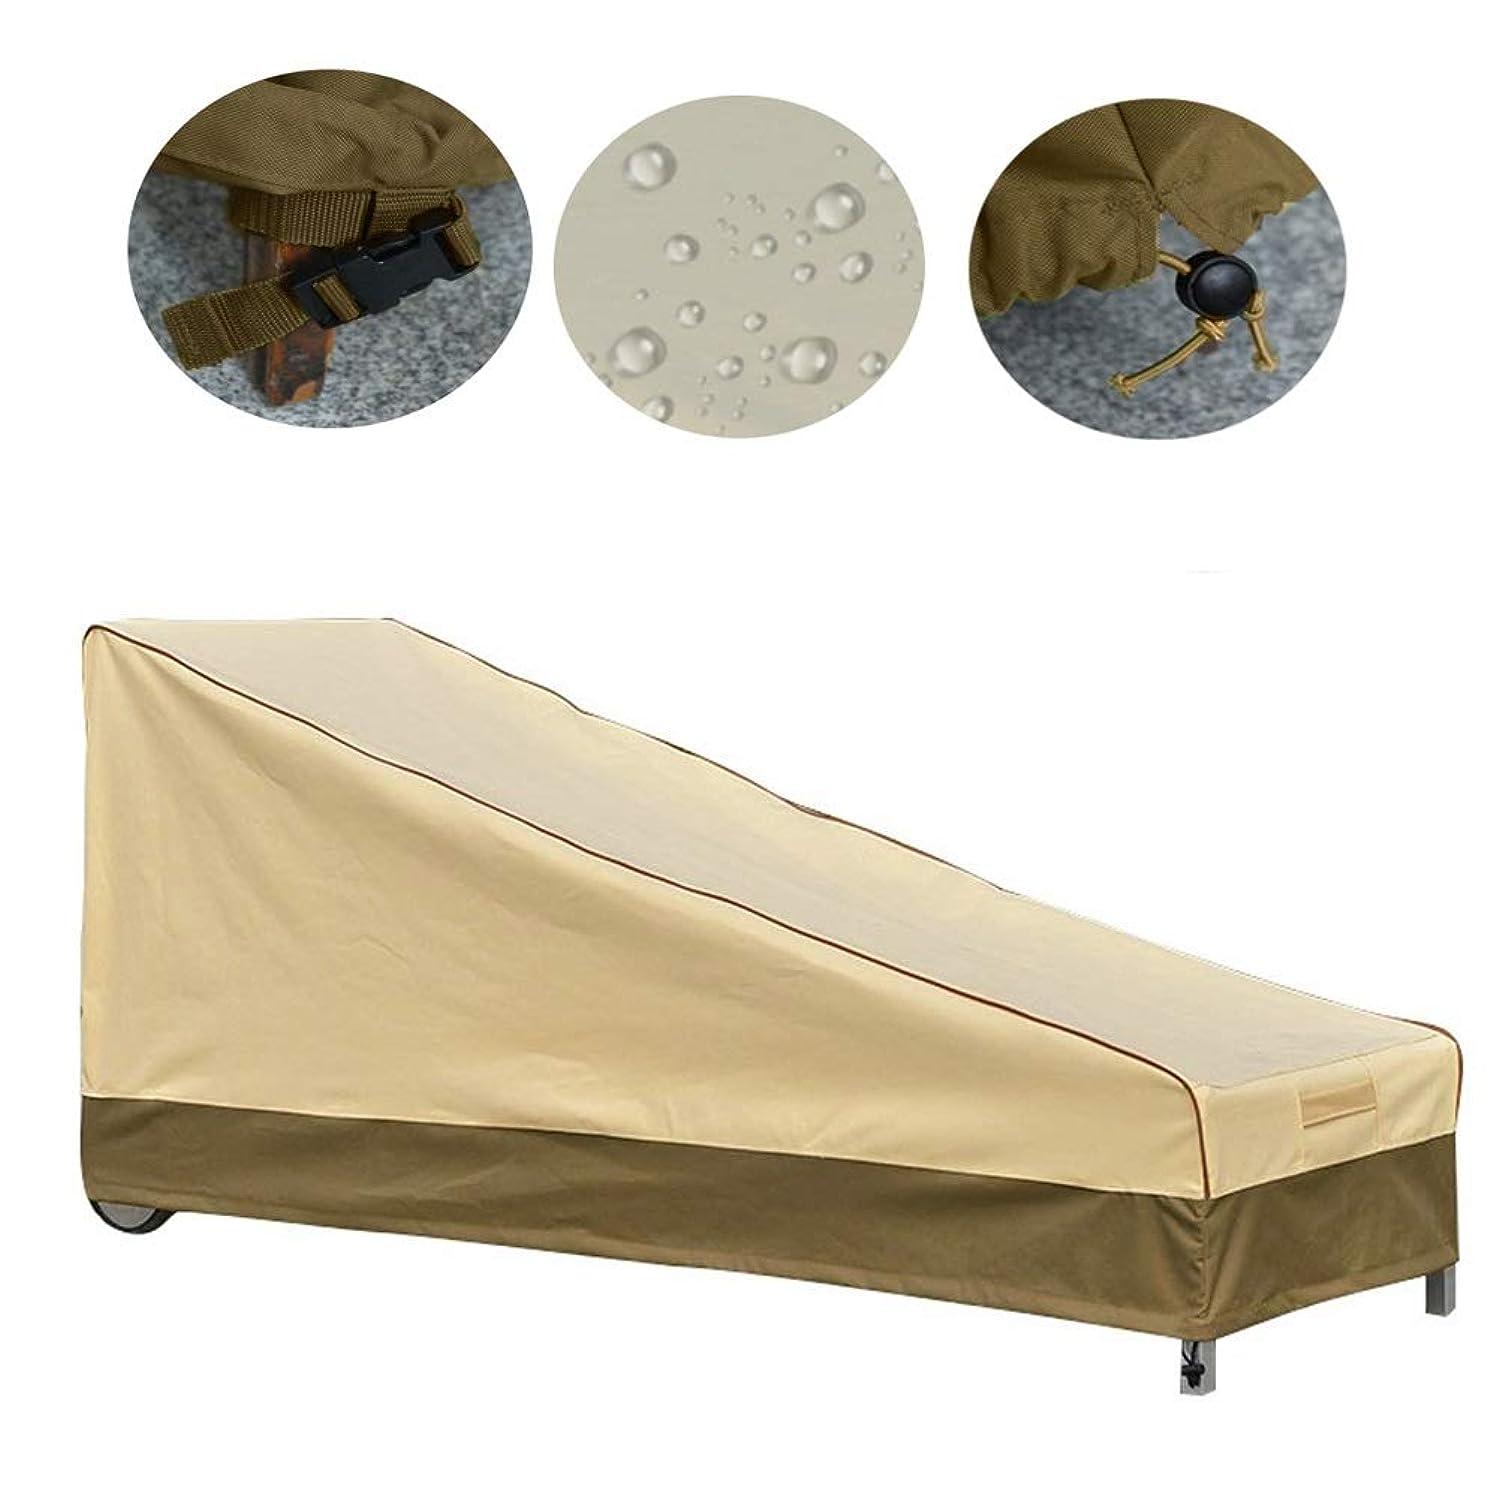 試すチケット五月SHIJINHAO ガーデン家具カバー、サンシートカバー、テラスリクライニングチェア 防水ターポリン 防塵 カスタマイズ可能な耐久性のある210Dオックスフォード (Color : Beige, Size : 66''x35.5''x33'')